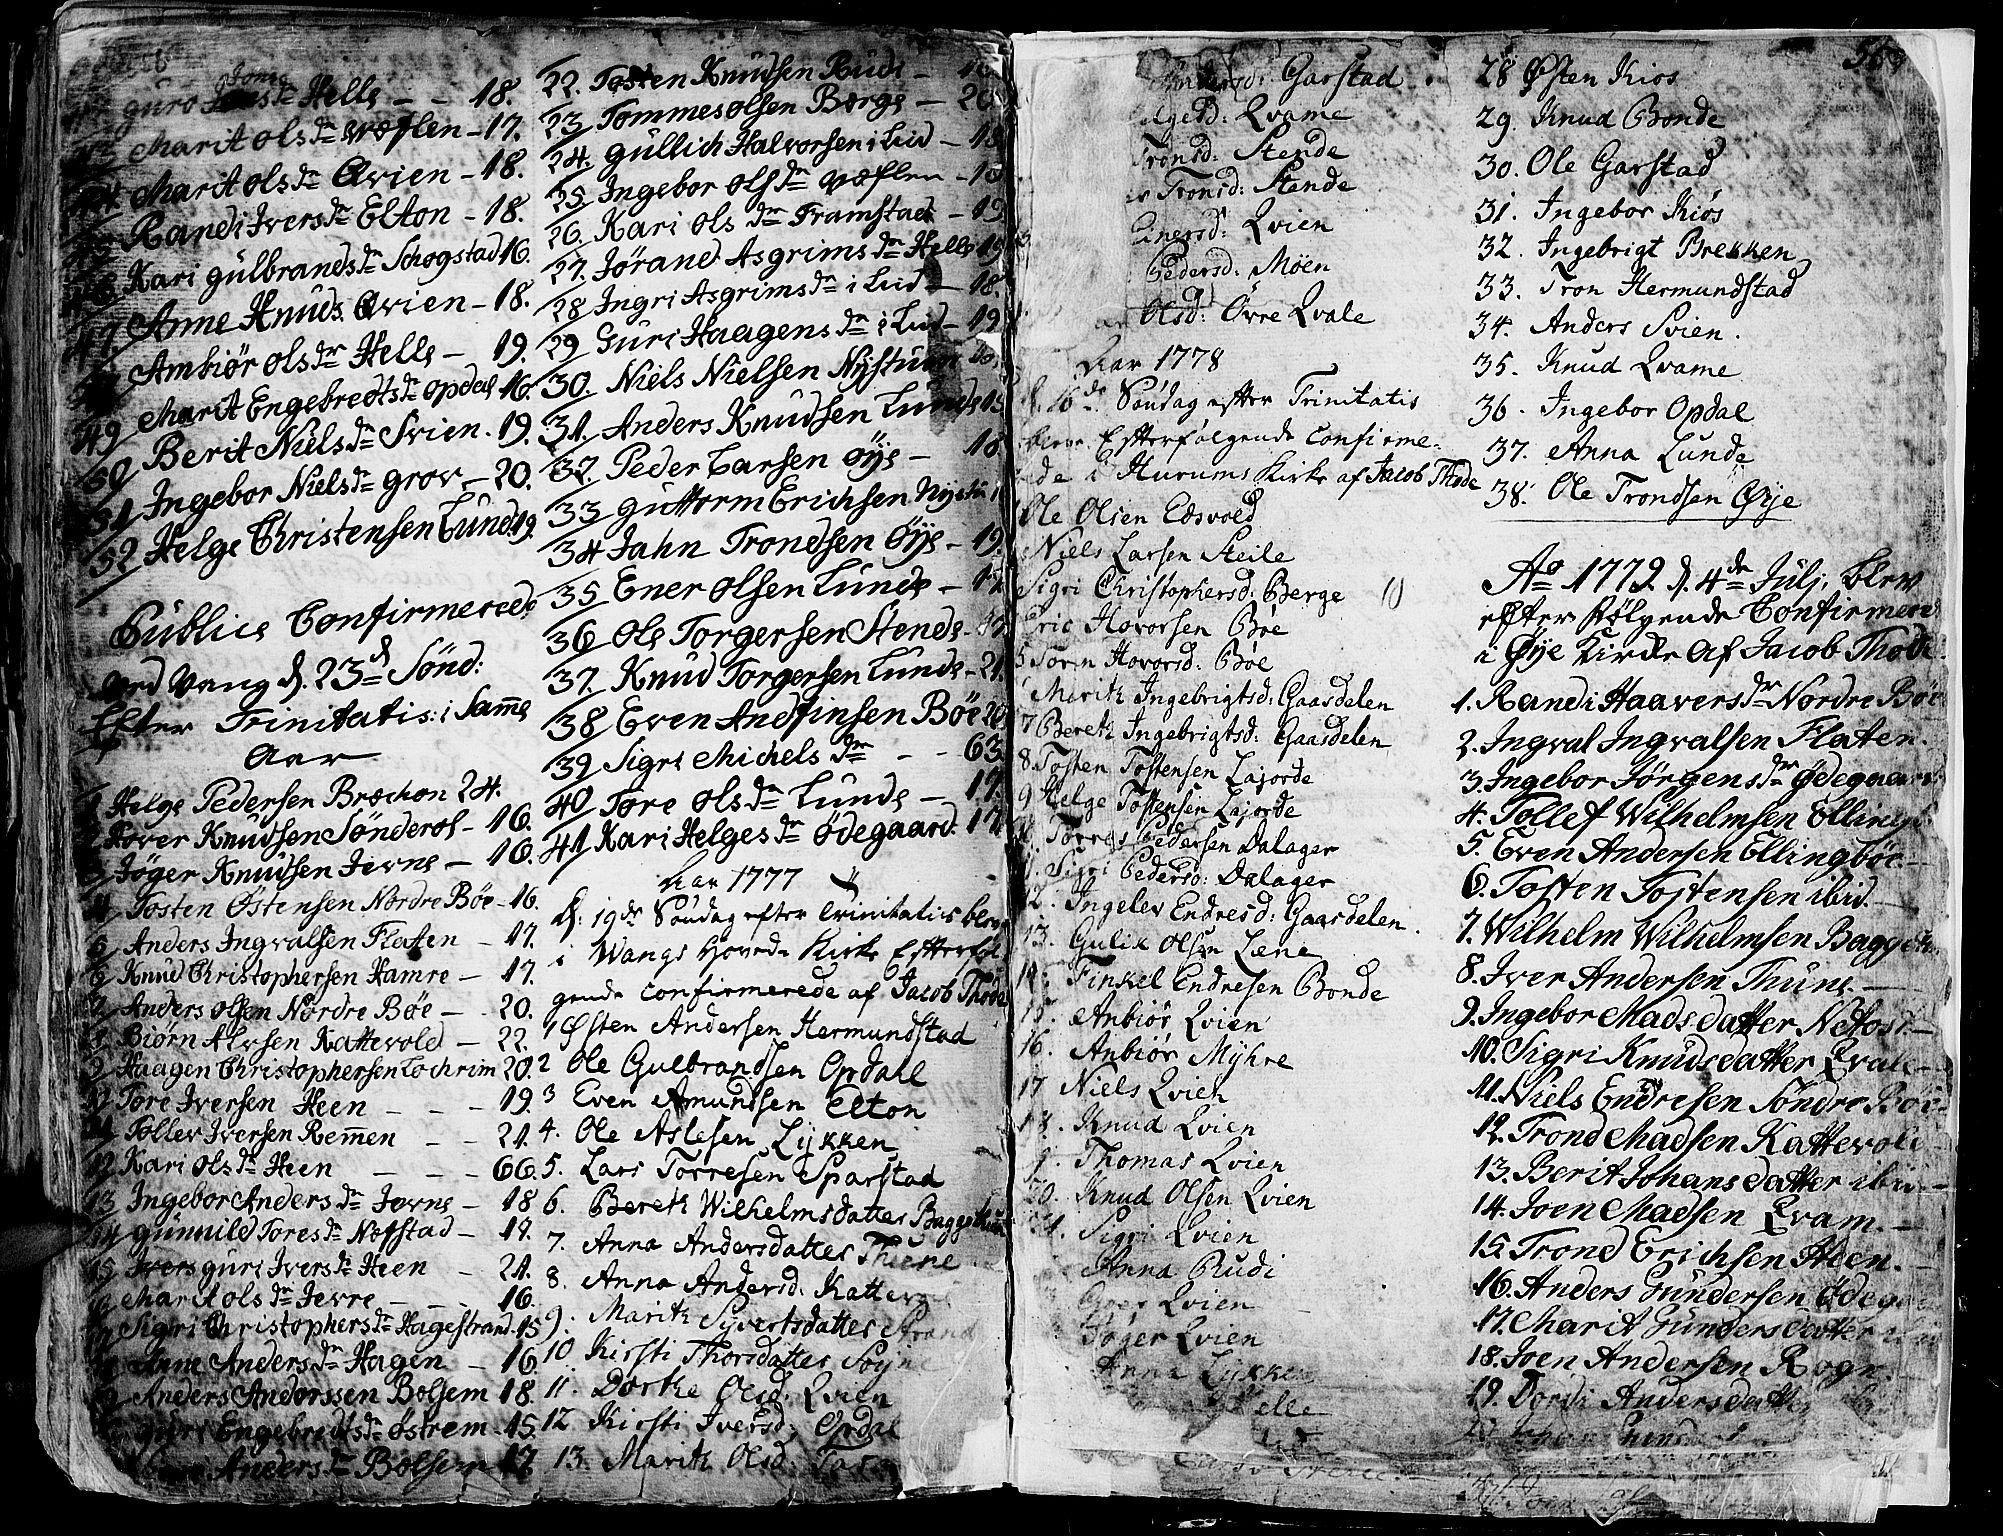 SAH, Vang prestekontor, Valdres, Ministerialbok nr. 1, 1730-1796, s. 558-559